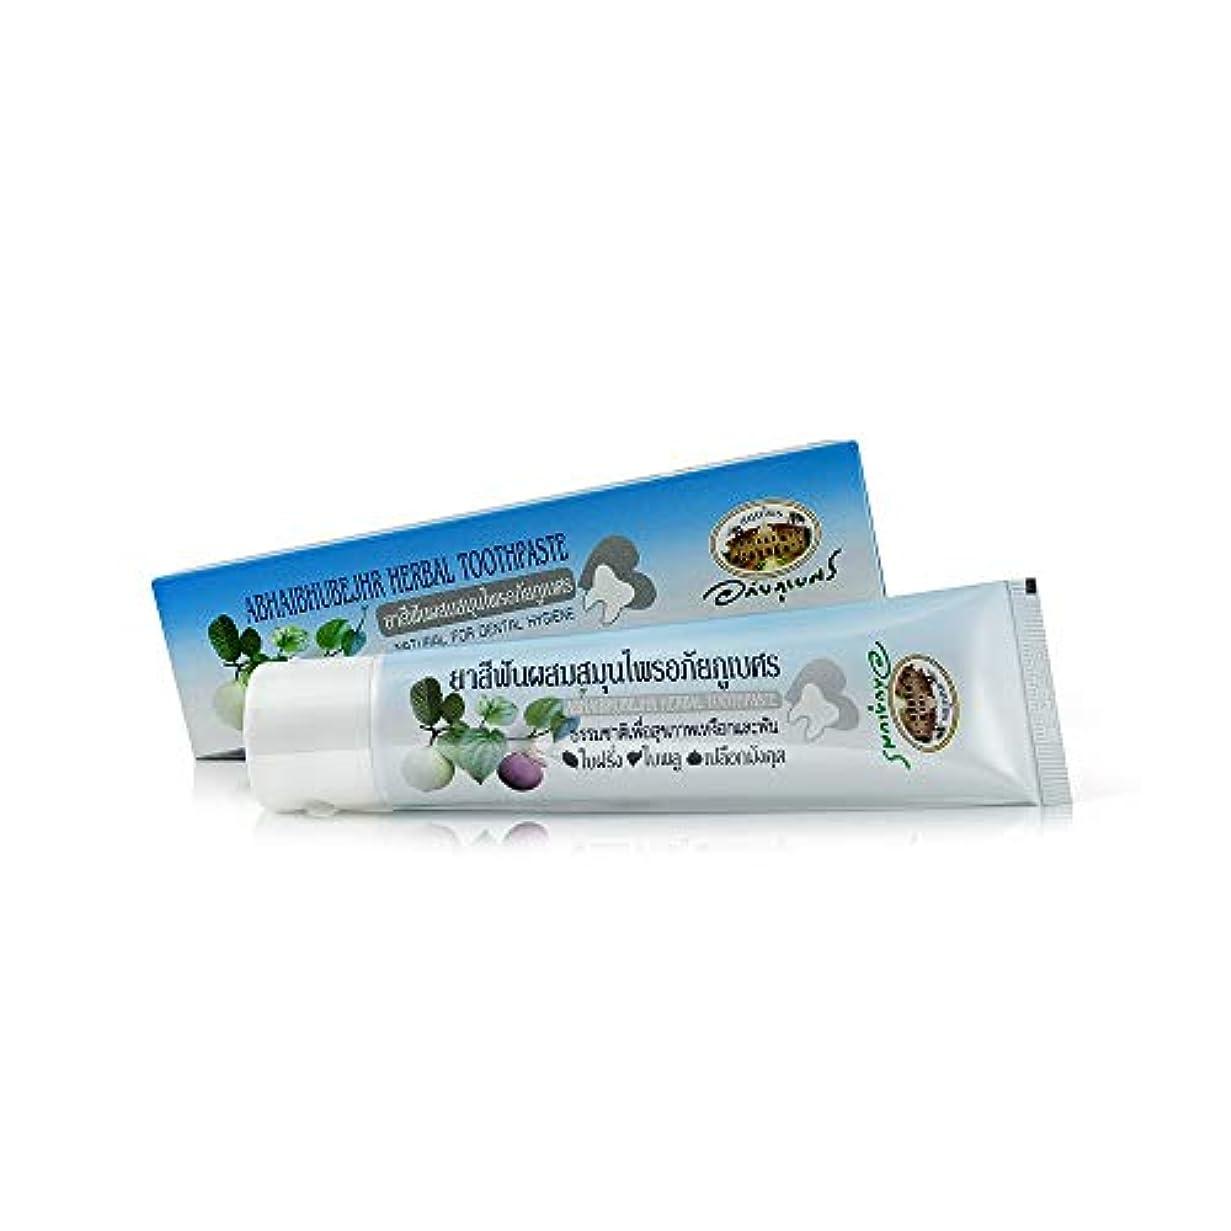 ウガンダファイバ自殺Abhaibhubejhr Herbal Toothpaste Natural For Dental Hygiene 歯科衛生のためのAbhaibhubejhrハーブ歯磨き粉ナチュラル (70g)